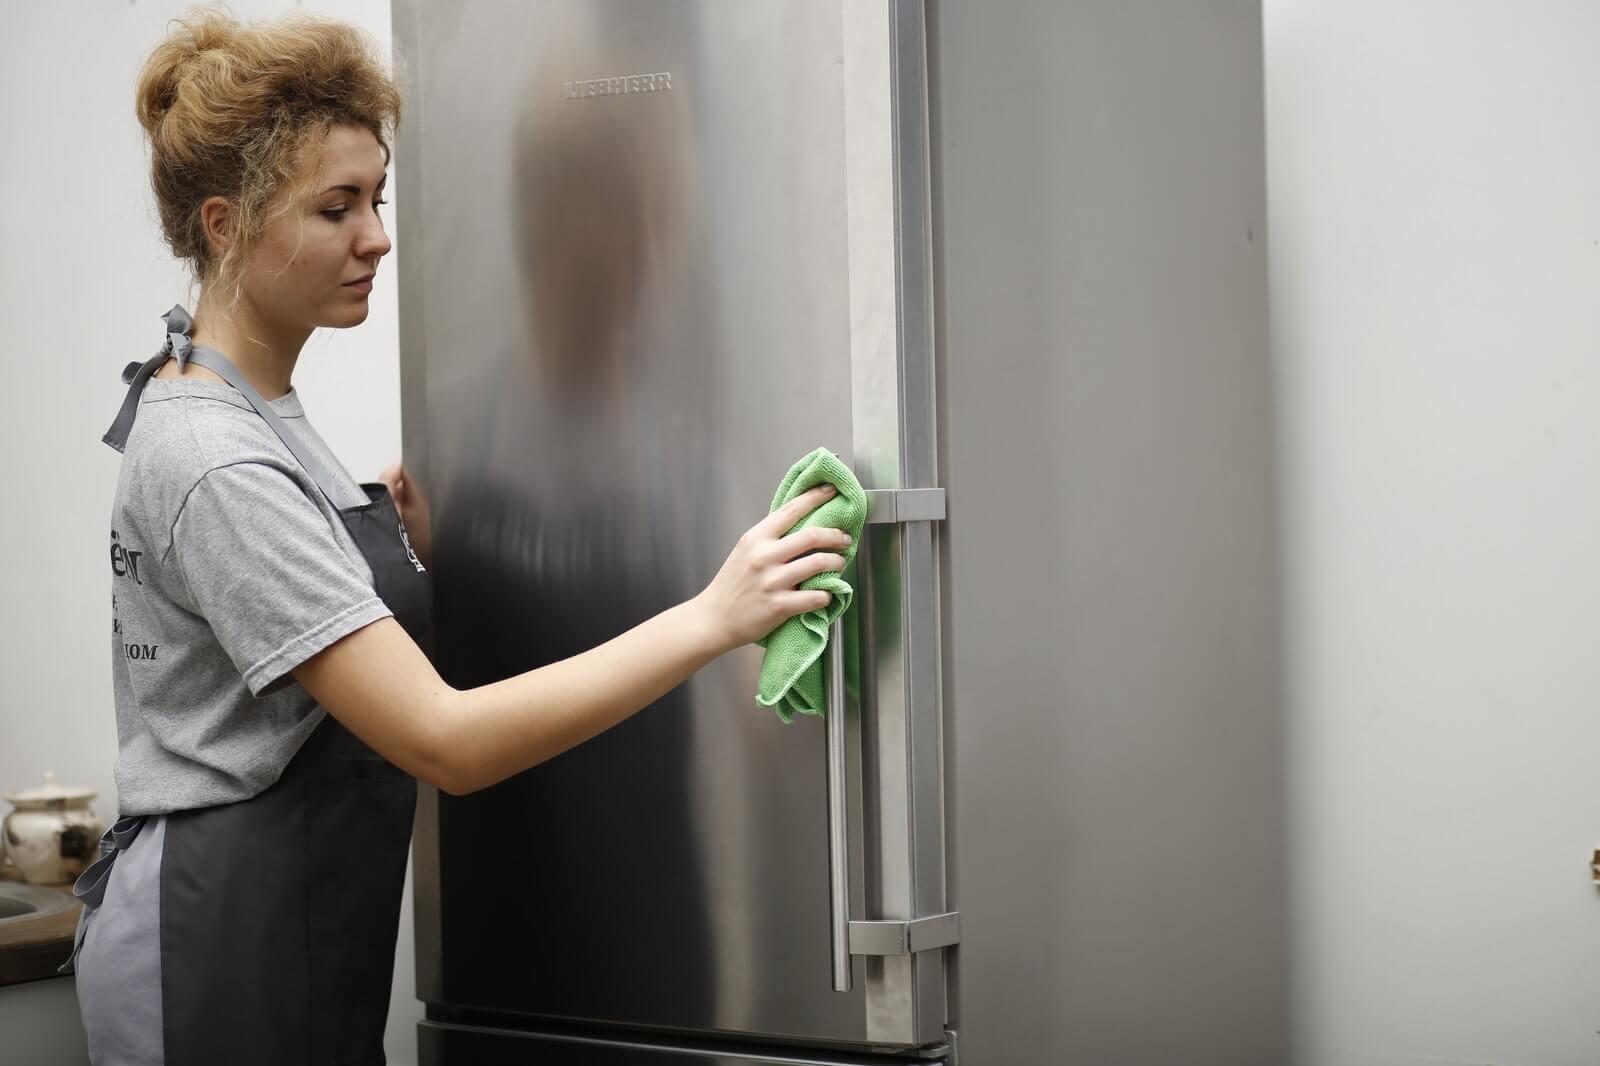 Чем помыть новый холодильник перед первым использованием: внутри, включением, протереть, нужно ли, от запаха